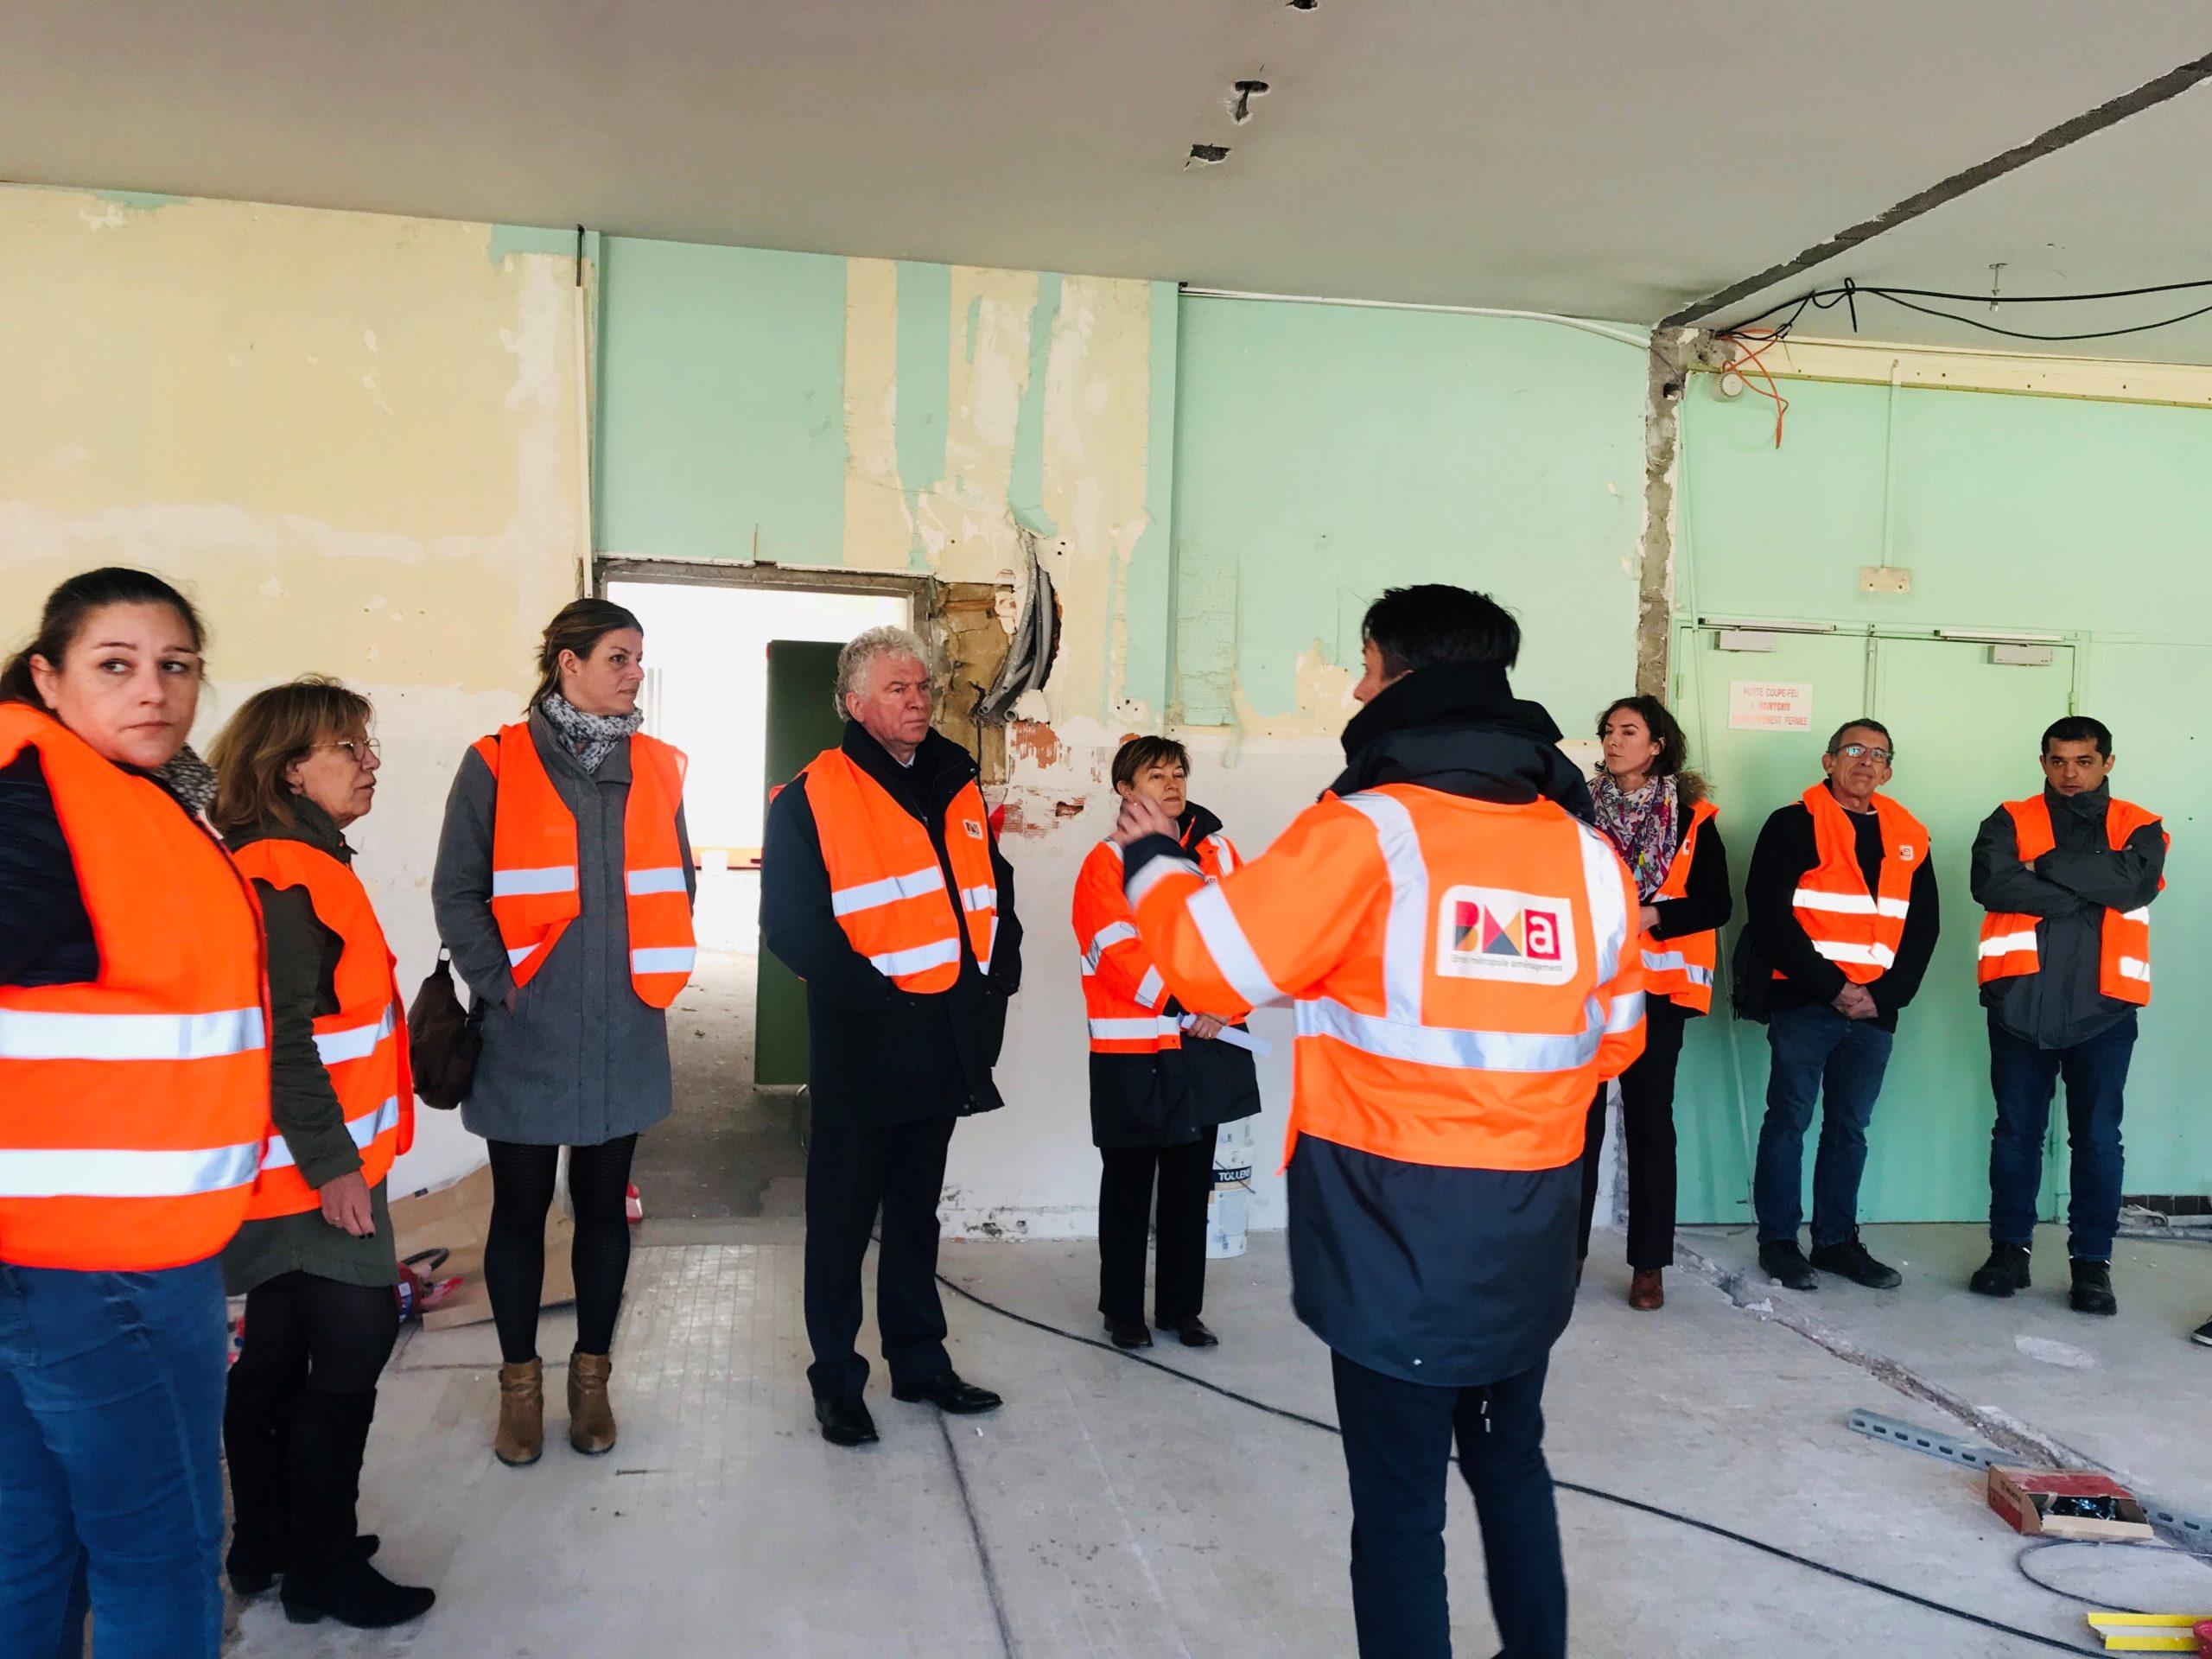 Rénovation en profondeur pour Aubrac : visite de chantier